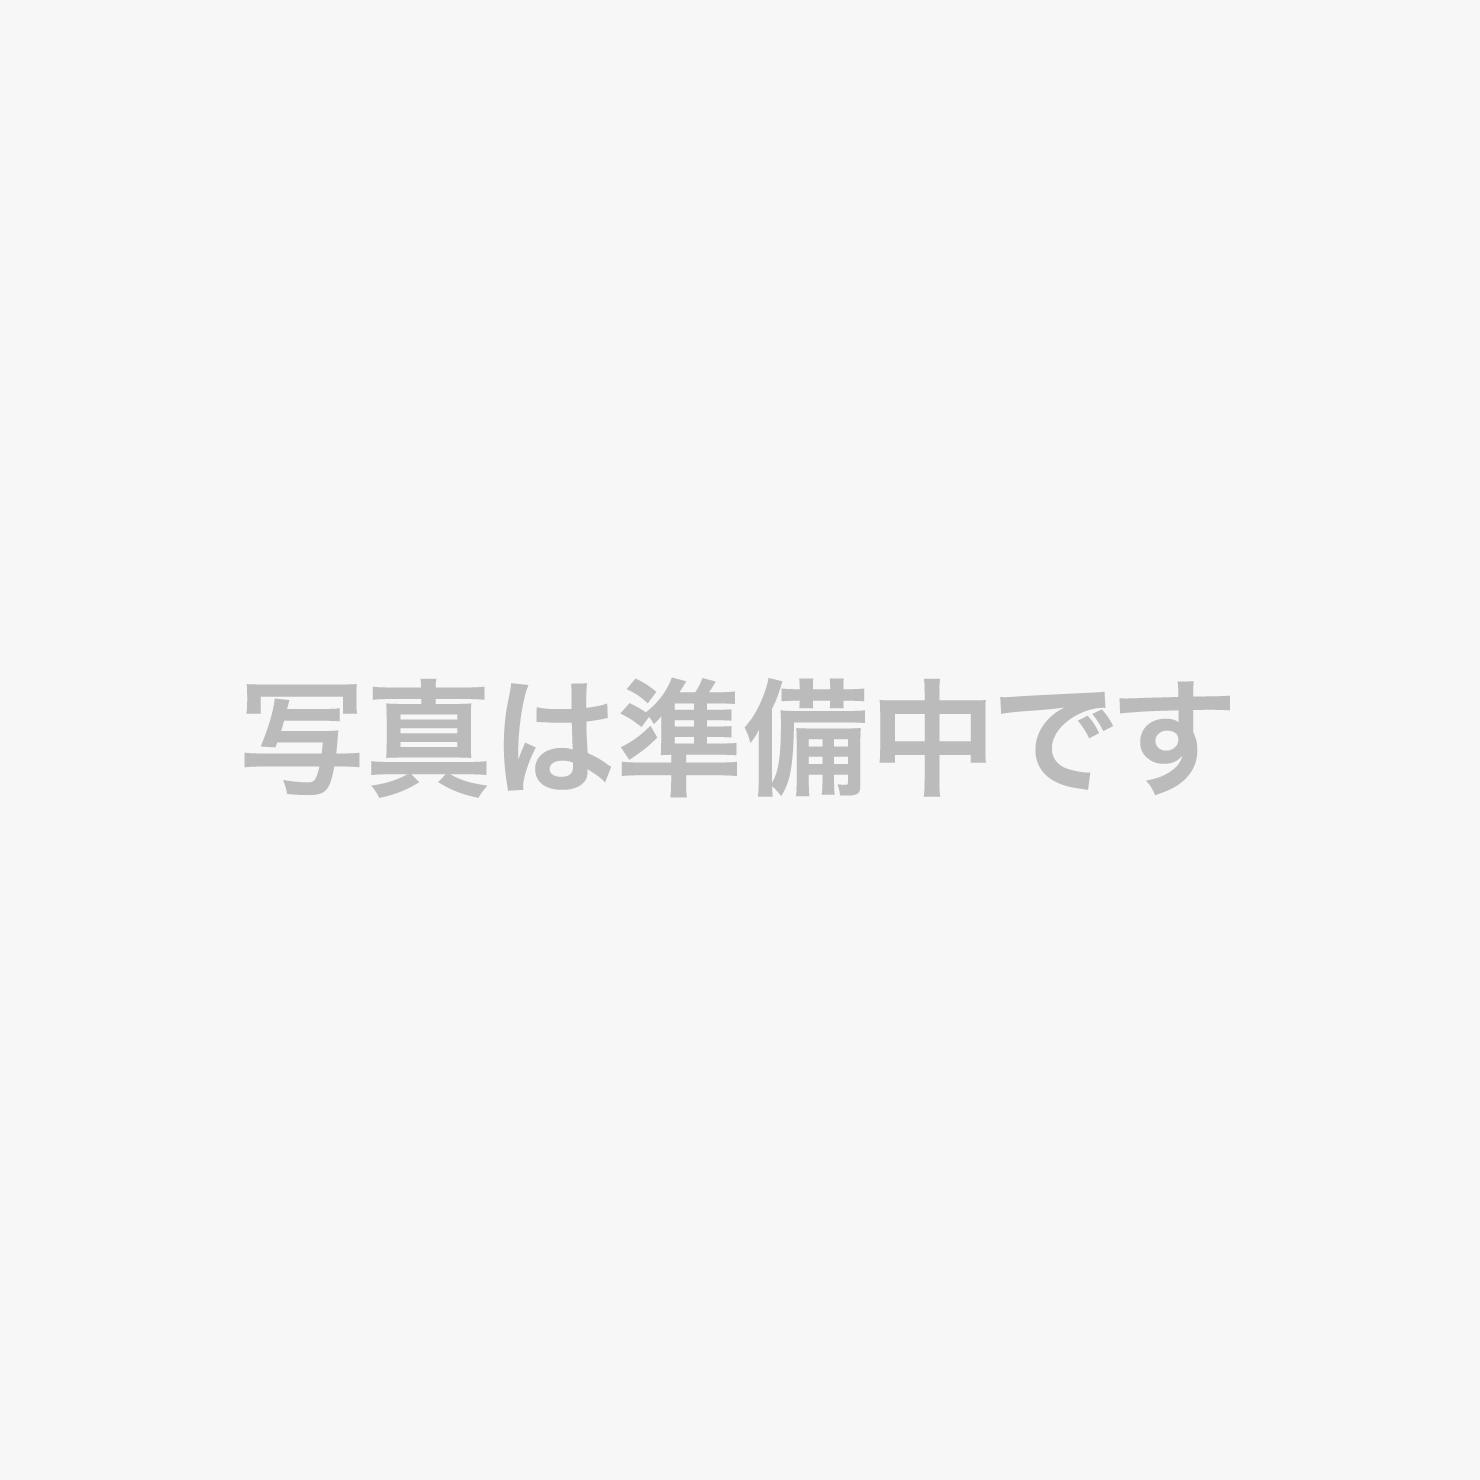 日本海の冬の味覚満載「ふゆの膳」